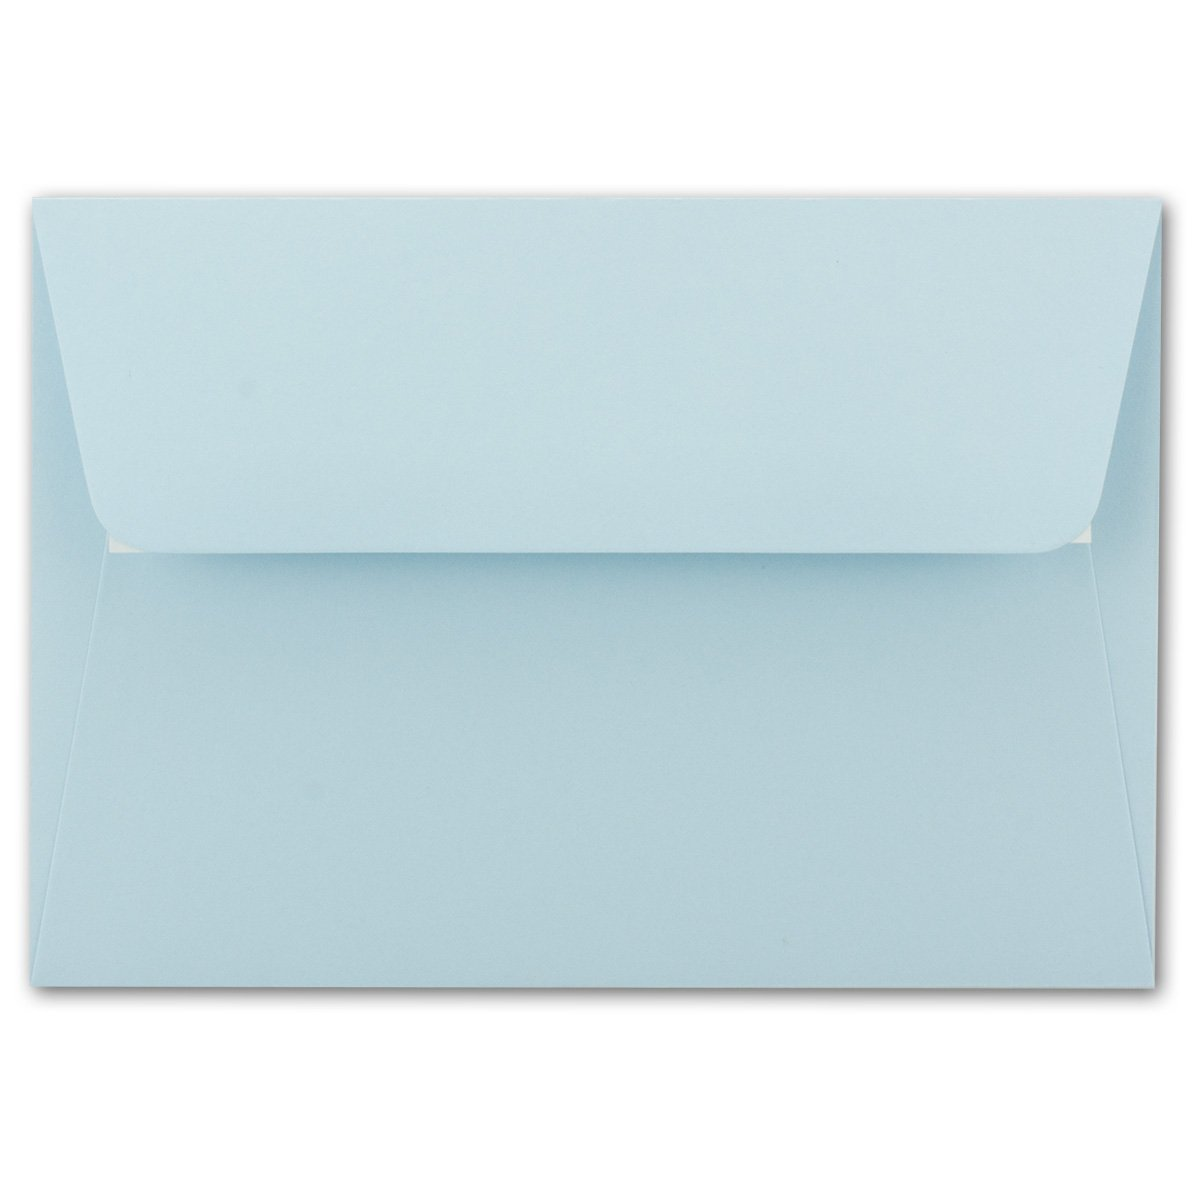 200x Brief-Umschläge B6 - Naturweiss - - - 12,5 x 17,5 cm - Haftklebung 120 g m² - breite edle Verschluss-Lasche - hochwertige Einladungs-Umschläge B078HCF8V8 | Genial  2c9061